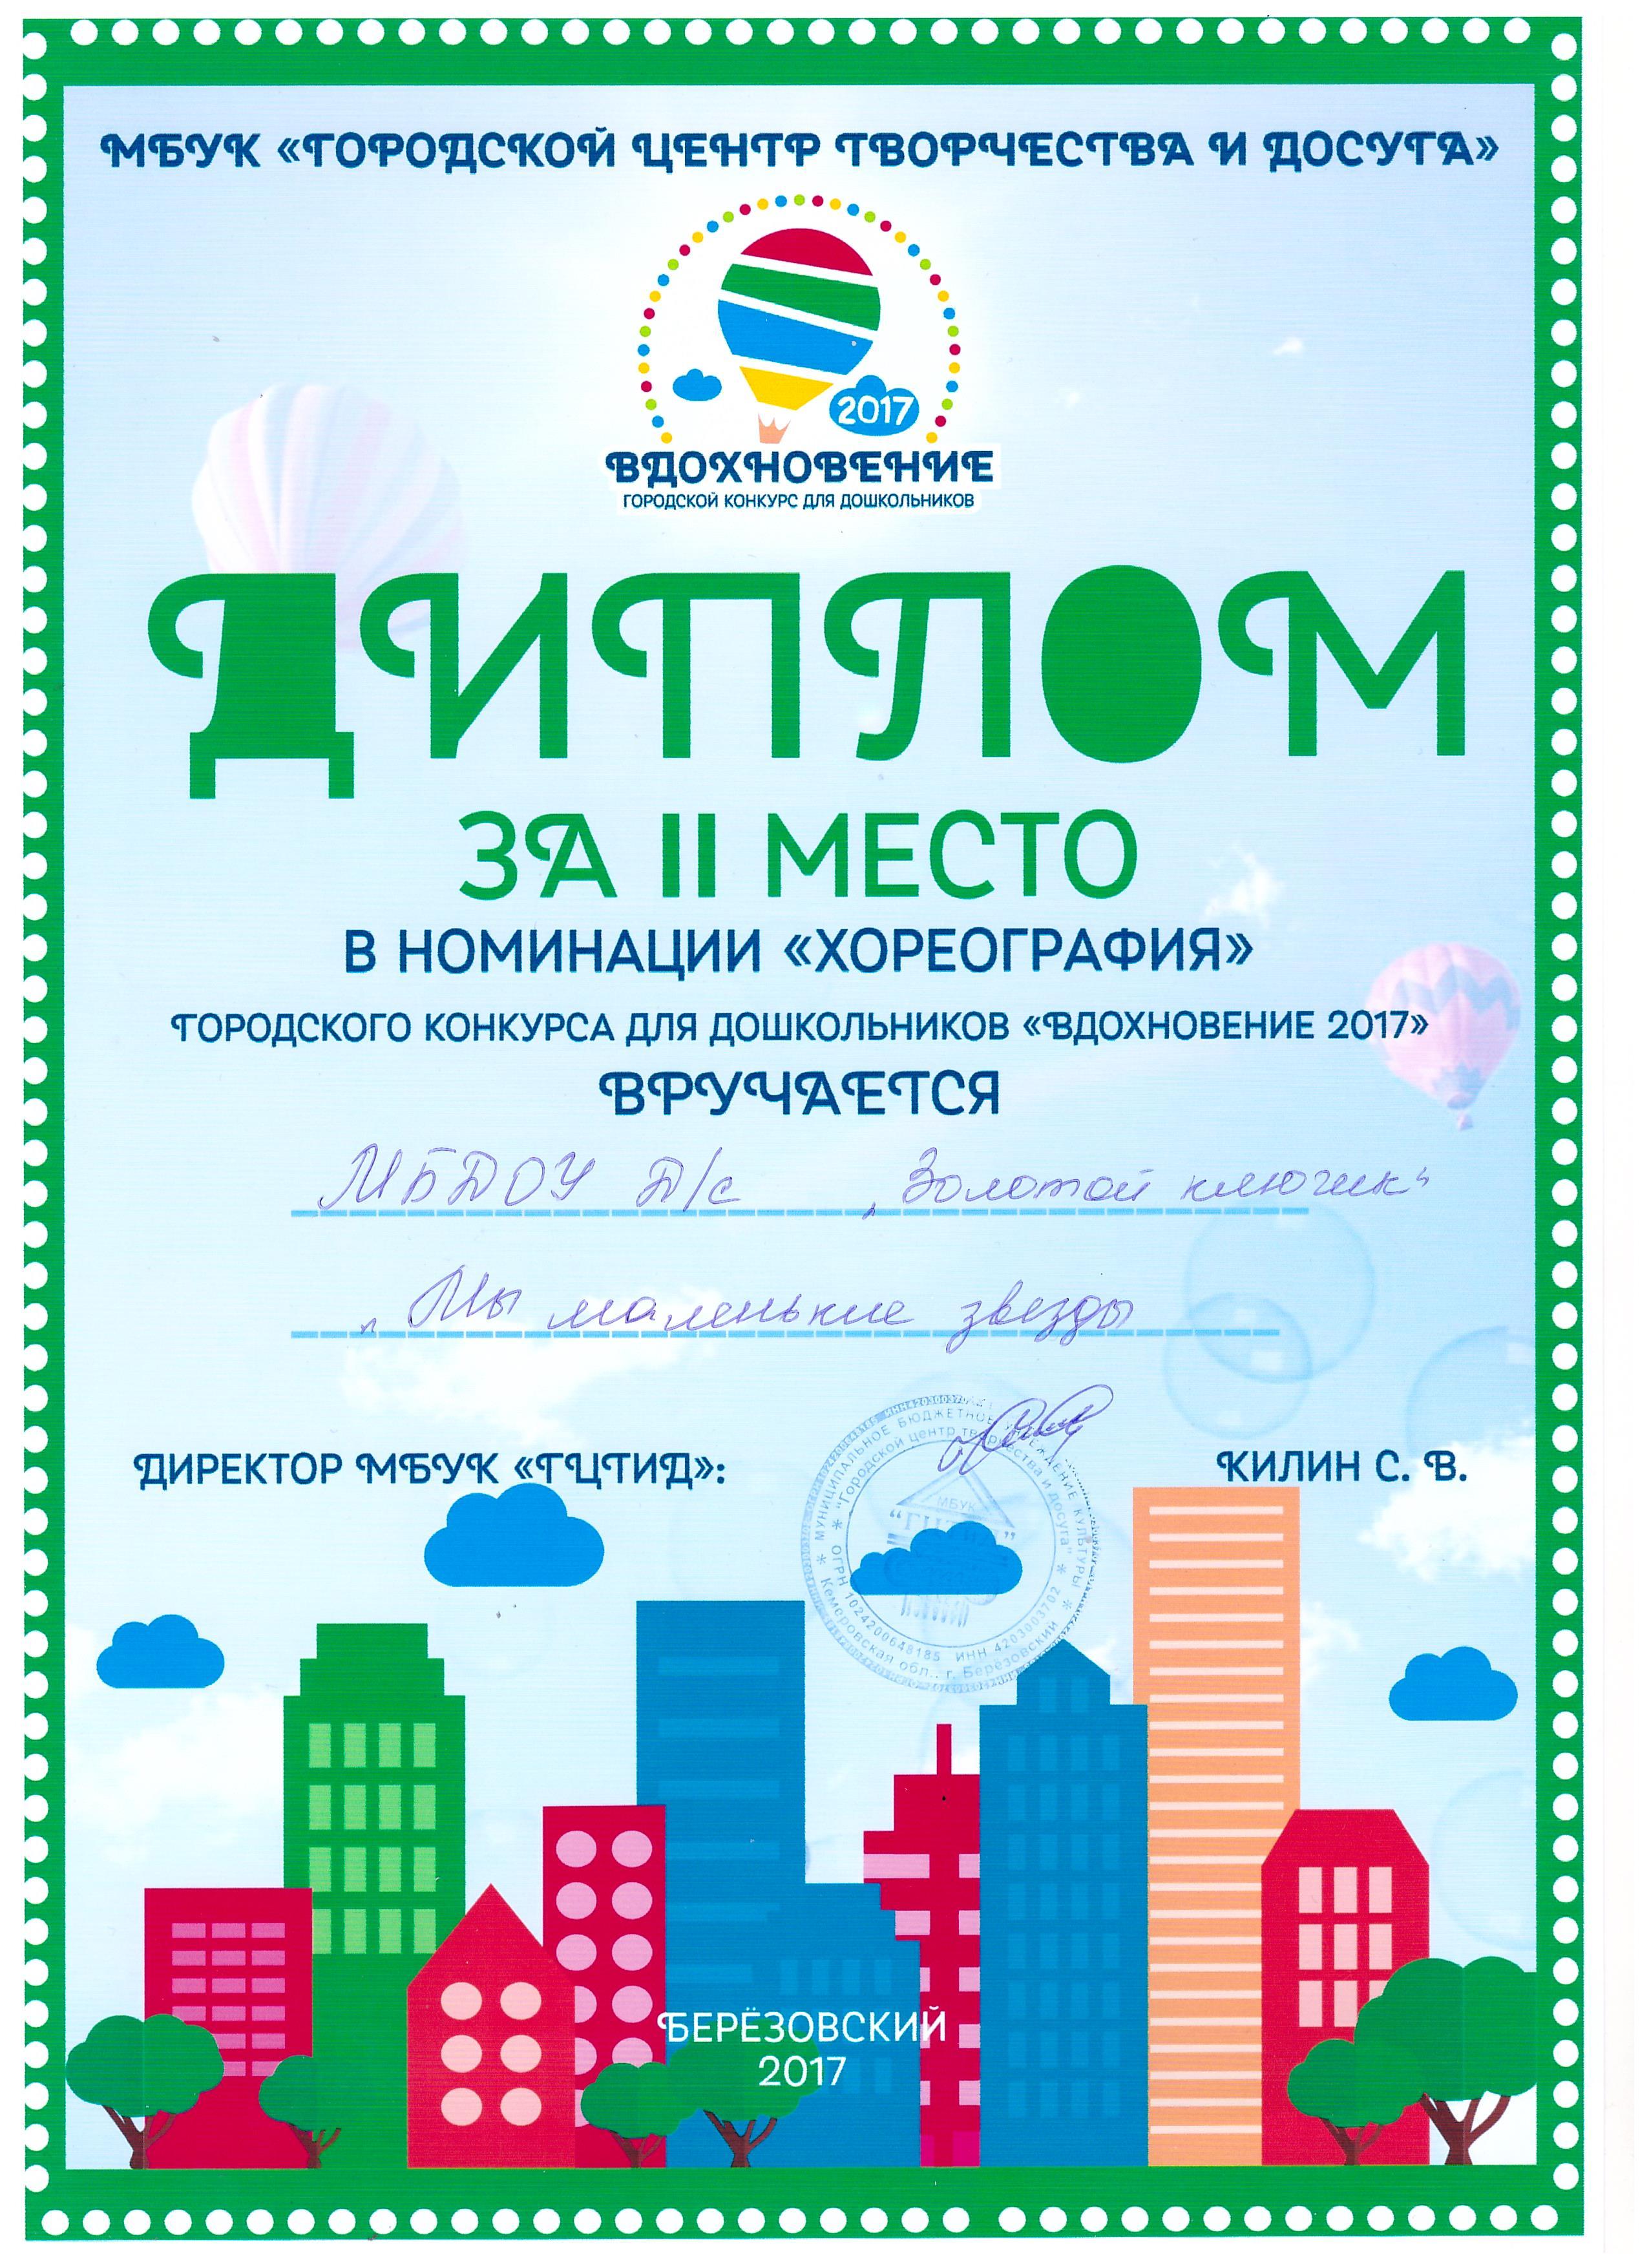 Городской конкурс для дошкольников 2017